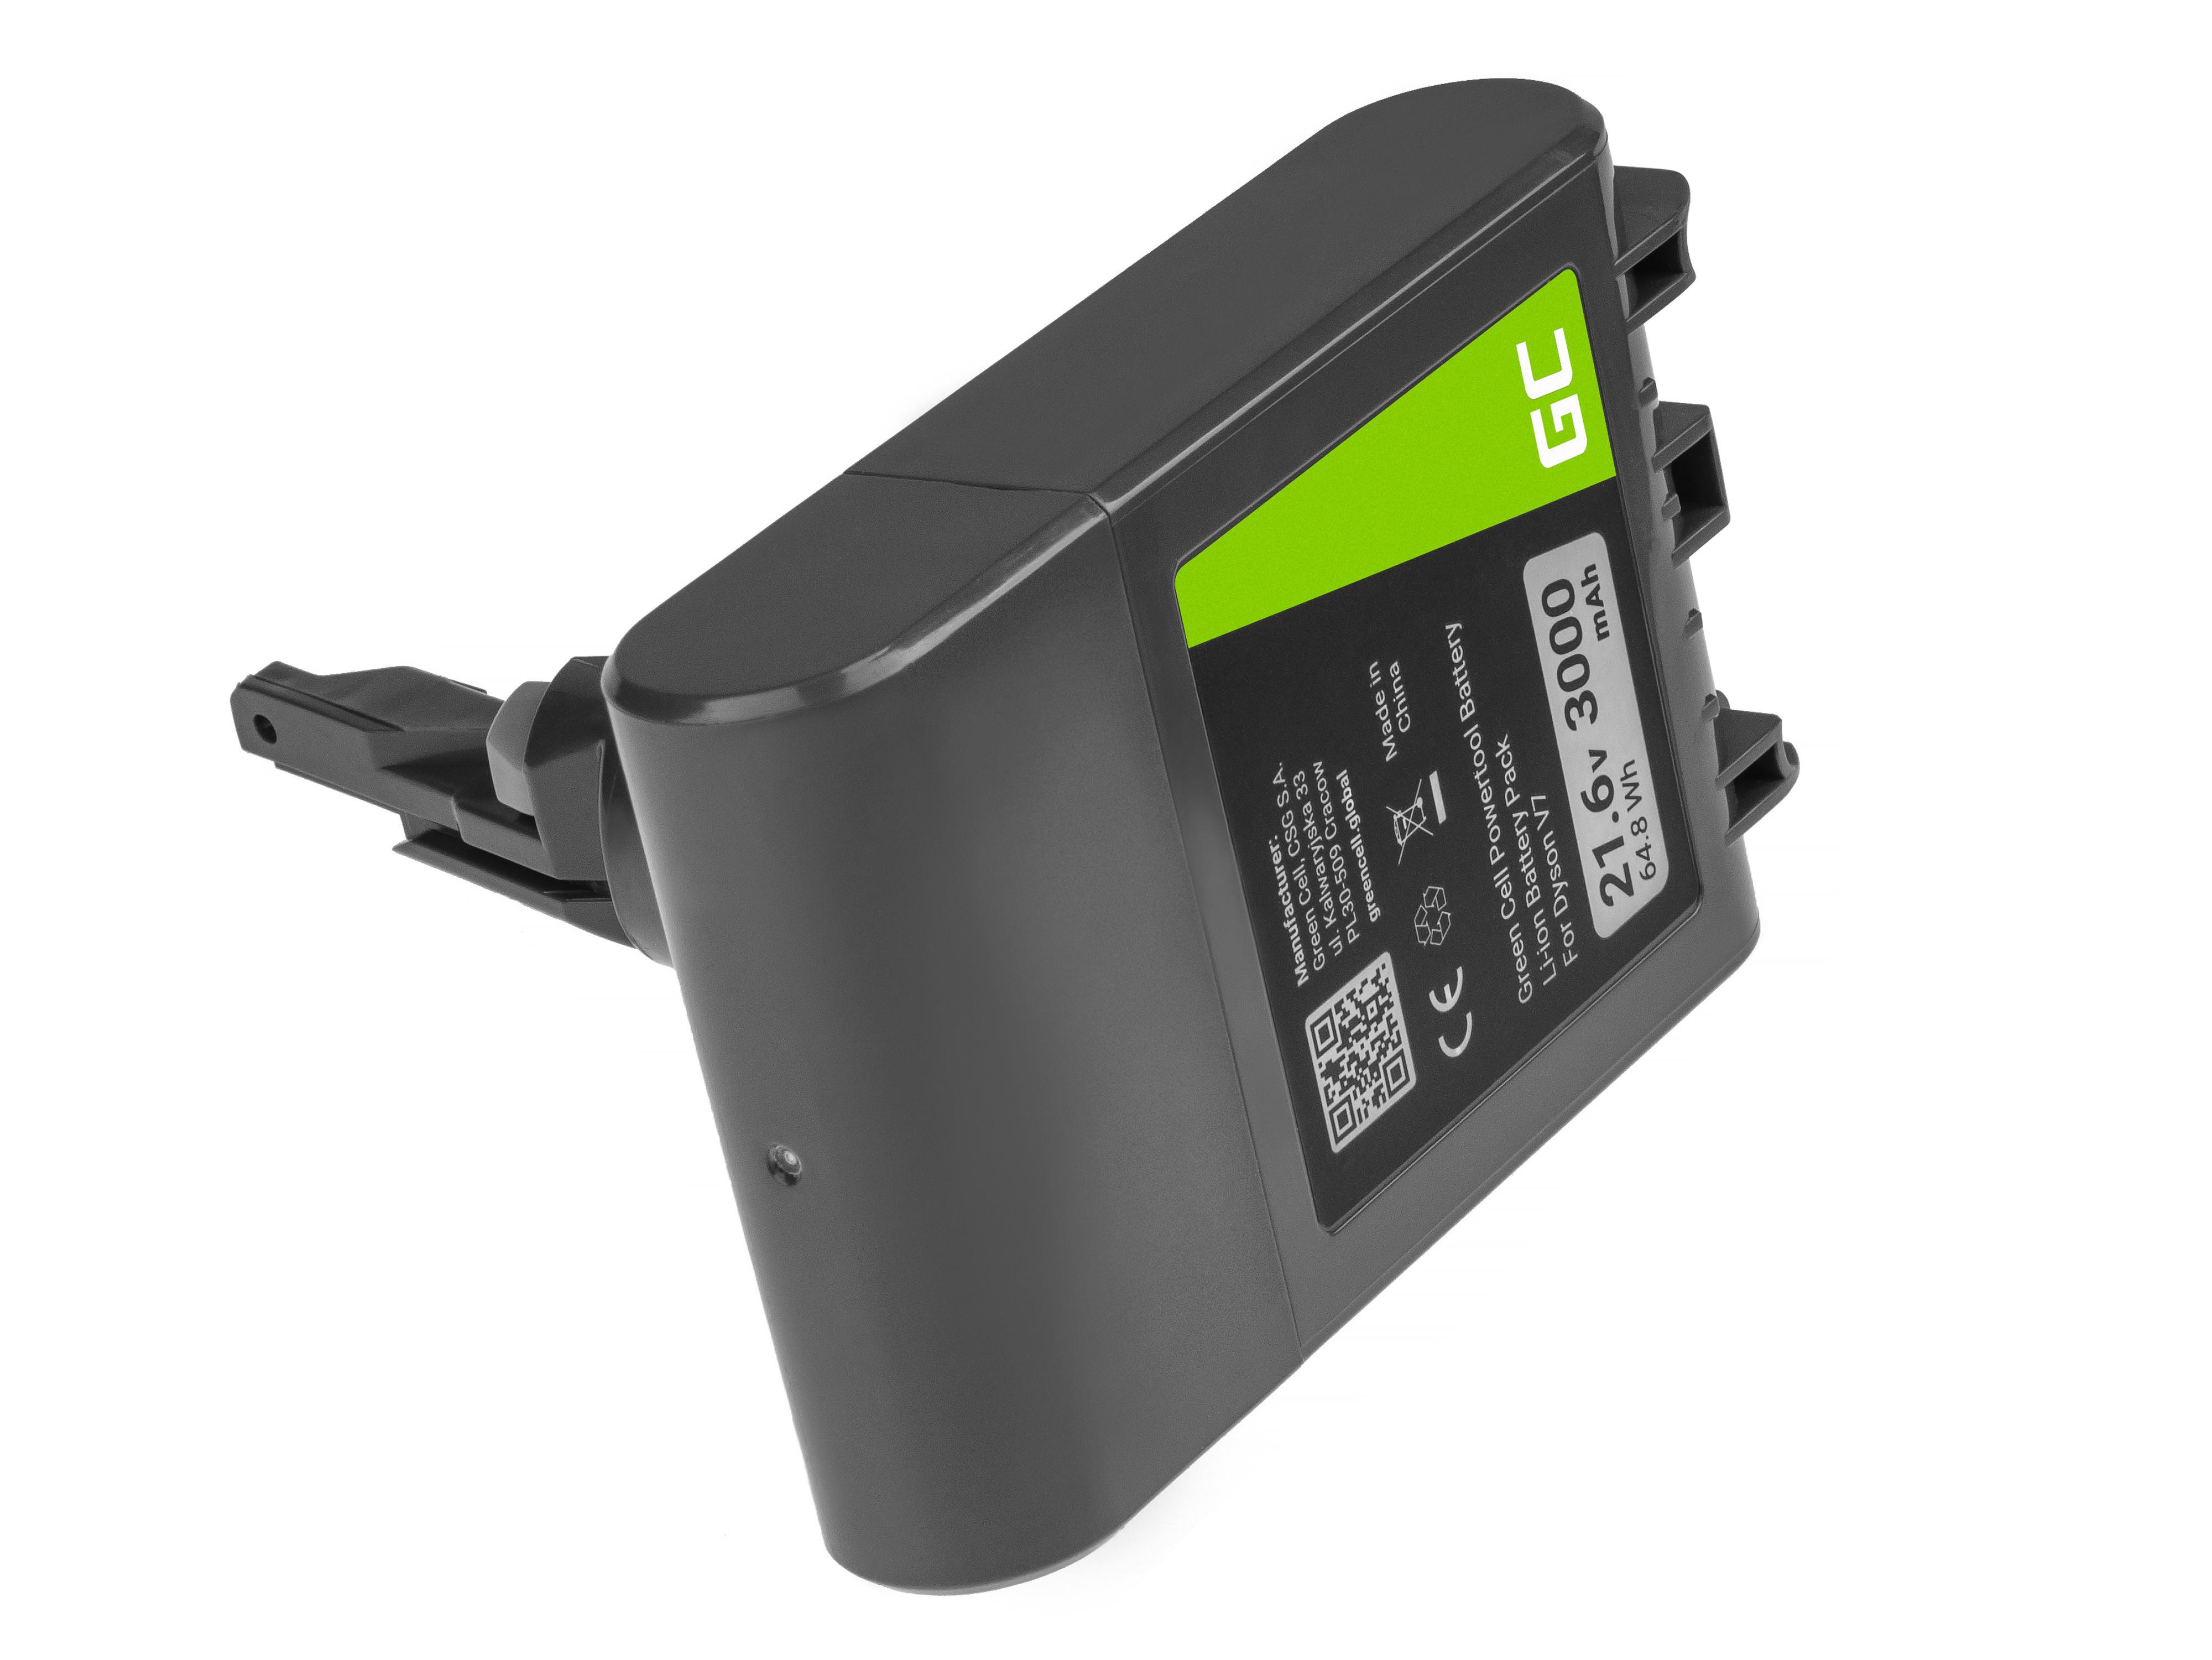 Green Cell PT257 Baterie Dyson 968670-02 968670-03 968670-06 SV11, Dyson V7 Animal Pro+ Absolute Car+Boat Trigger 21.6V 3000mAh Li-ion - neoriginální